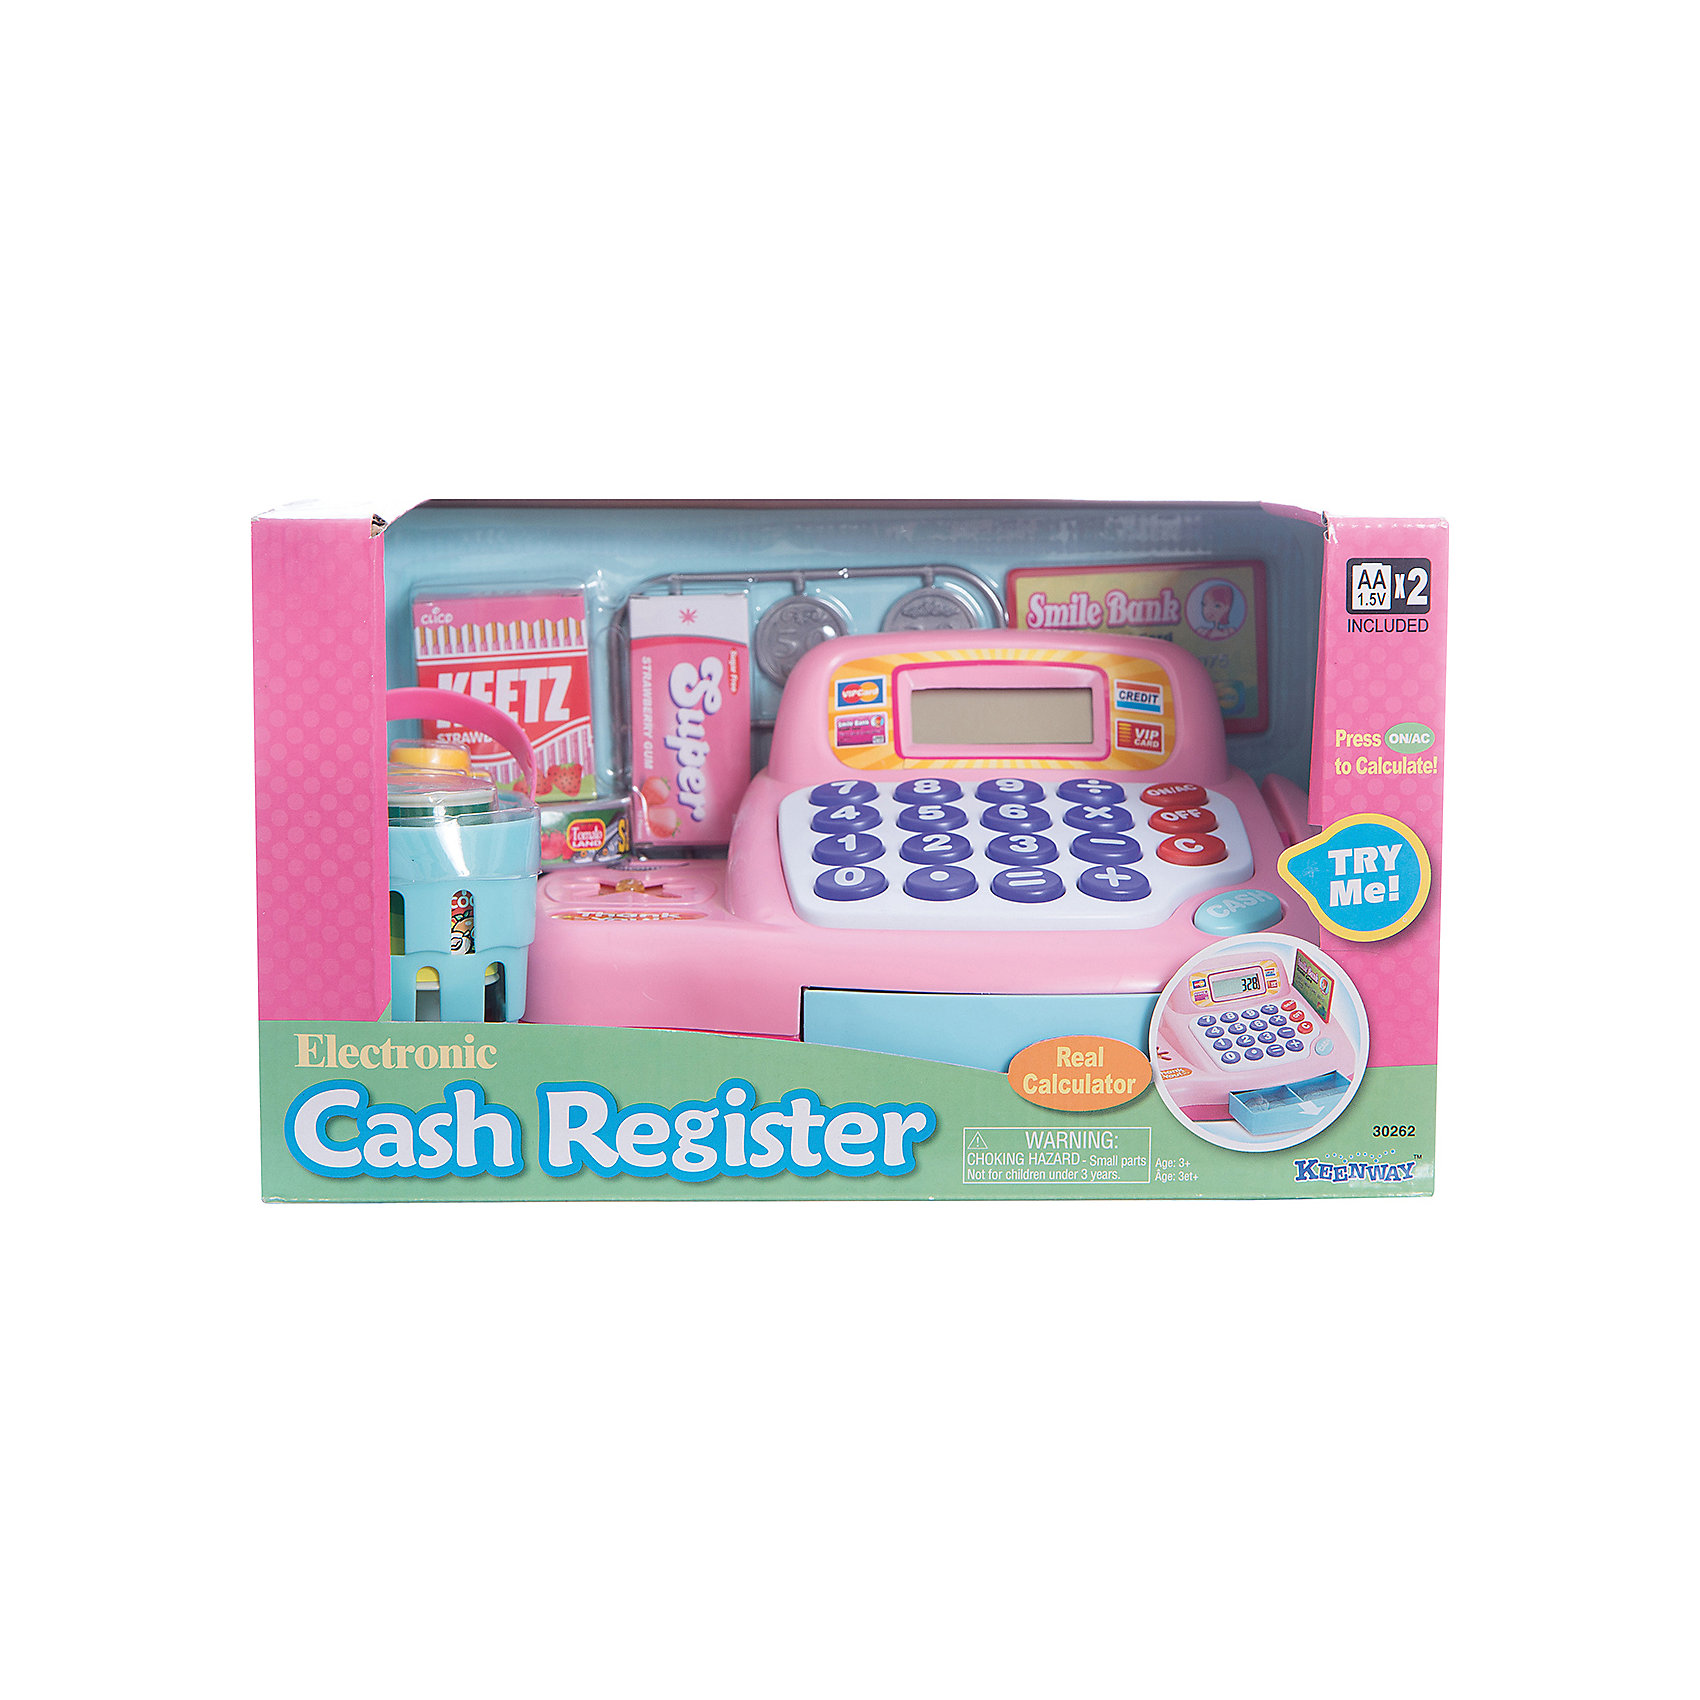 Набор Кассовый аппарат с предметами, KeenwayДетский супермаркет<br>Набор Кассовый аппарат с предметами, Keenway (Кинвей) – этот набор идеален для сюжетных игр «в магазин».<br>Набор «Кассовый аппарат с предметами» от Keenway (Кинвей) познакомит ребенка с понятиями магазин и товарно-денежные отношения. Кассовый аппарат сделан по типу калькулятора. Ребенок нажимает на кнопочки и раздается характерный для настоящей кассы звук. А на монохромном дисплее отображается набранное число. После того как общая сумма подсчитана, открывается ящичек с деньгами. В аппарате имеется разъем для оплаты банковской картой и встроенный сканер, который при считывании штрих-кода издает характерный звук, и стоимость товара отображается на экране. Играя с кассовым аппаратом и сопутствующими предметами, ребёнок познает разнообразие торговых операций, учится считать, закрепляет свои знания в арифметике, приобретает навыки работы с калькулятором, развивает воображение. Продукция сертифицирована, экологически безопасна, использованные красители не токсичны и гипоаллергенны.<br><br>Дополнительная информация:<br><br>- В наборе: кассовый аппарат, корзина для продуктов, монетки 6 шт, кредитная карта, жвачка, леденцы, молоко, кетчуп, сардины в консервной банке, кофейный напиток<br>- Материал: высококачественный пластик<br>- Размер кассового аппарата: 22х12х17 см.<br>- Батарейки: 2 типа АА (входят в комплект)<br>- Размер упаковки: 31х18х18 см.<br>- Вес: 996 гр.<br><br>Набор Кассовый аппарат с предметами, Keenway (Кинвей) можно купить в нашем интернет-магазине.<br><br>Ширина мм: 310<br>Глубина мм: 180<br>Высота мм: 180<br>Вес г: 996<br>Возраст от месяцев: 36<br>Возраст до месяцев: 84<br>Пол: Женский<br>Возраст: Детский<br>SKU: 4726755